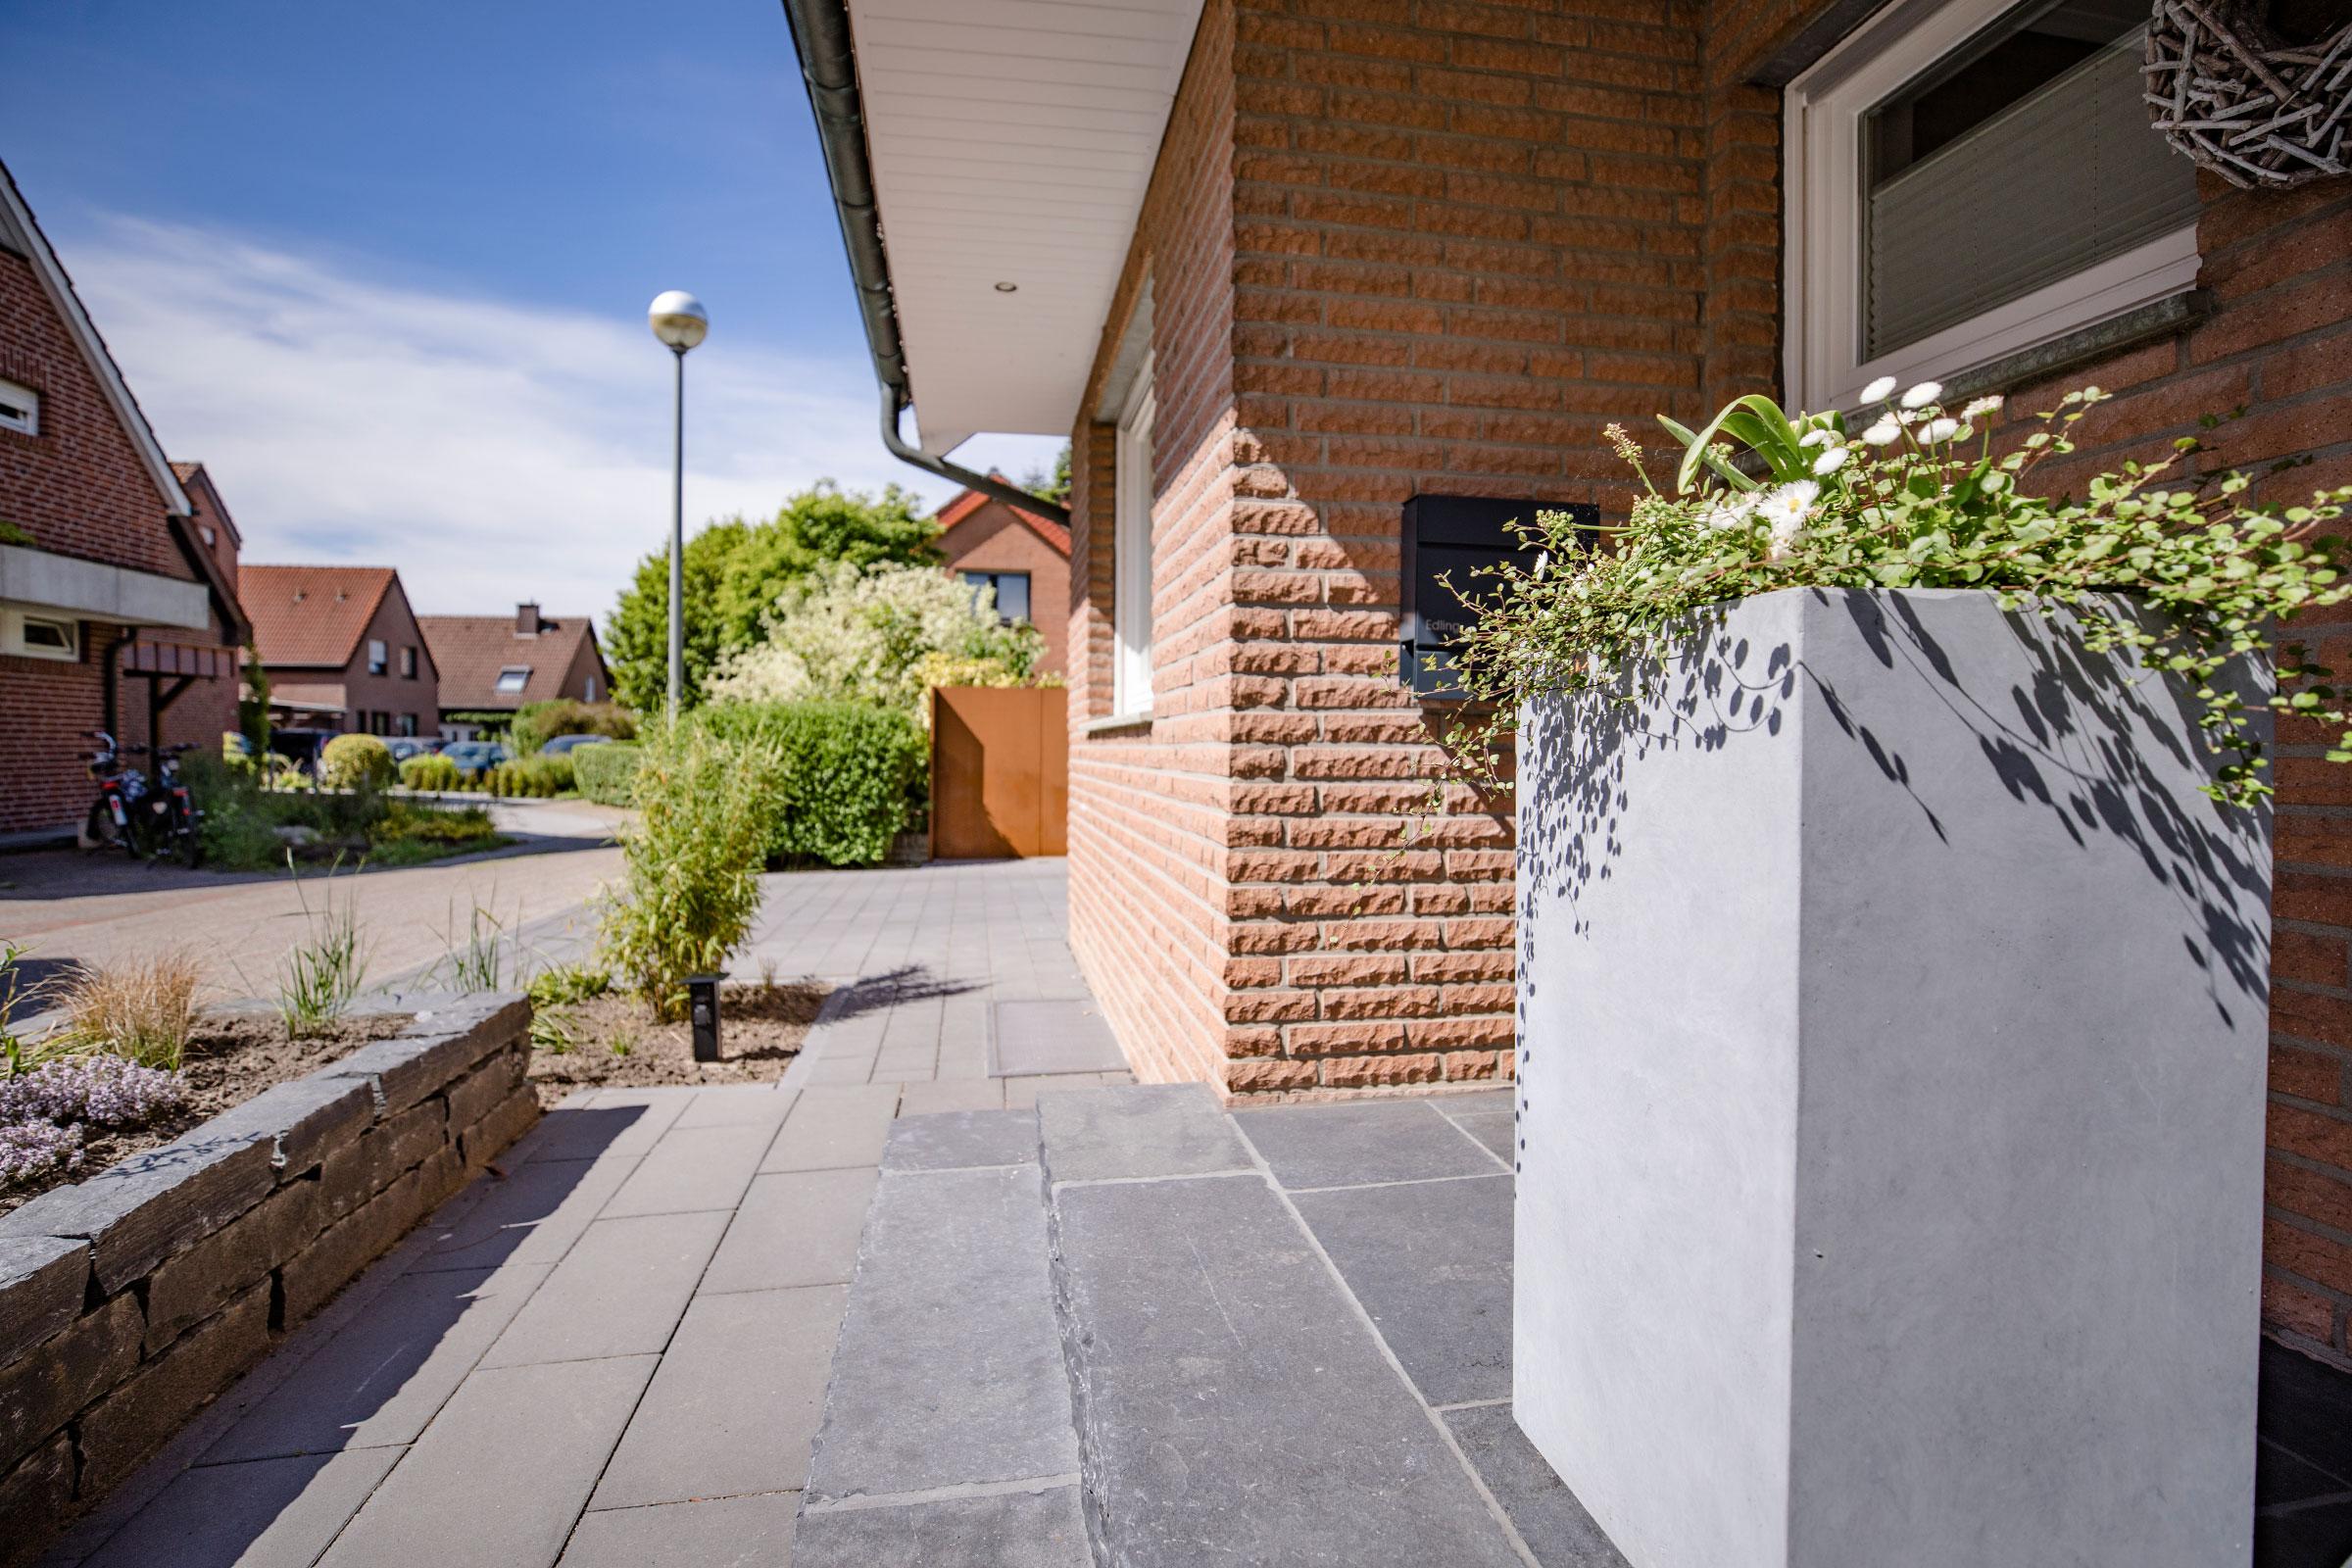 Link zur Bilddatei: Schulze-Tertilt_Referenzen_wohnhaus_vorgarten_blumentopf_beton